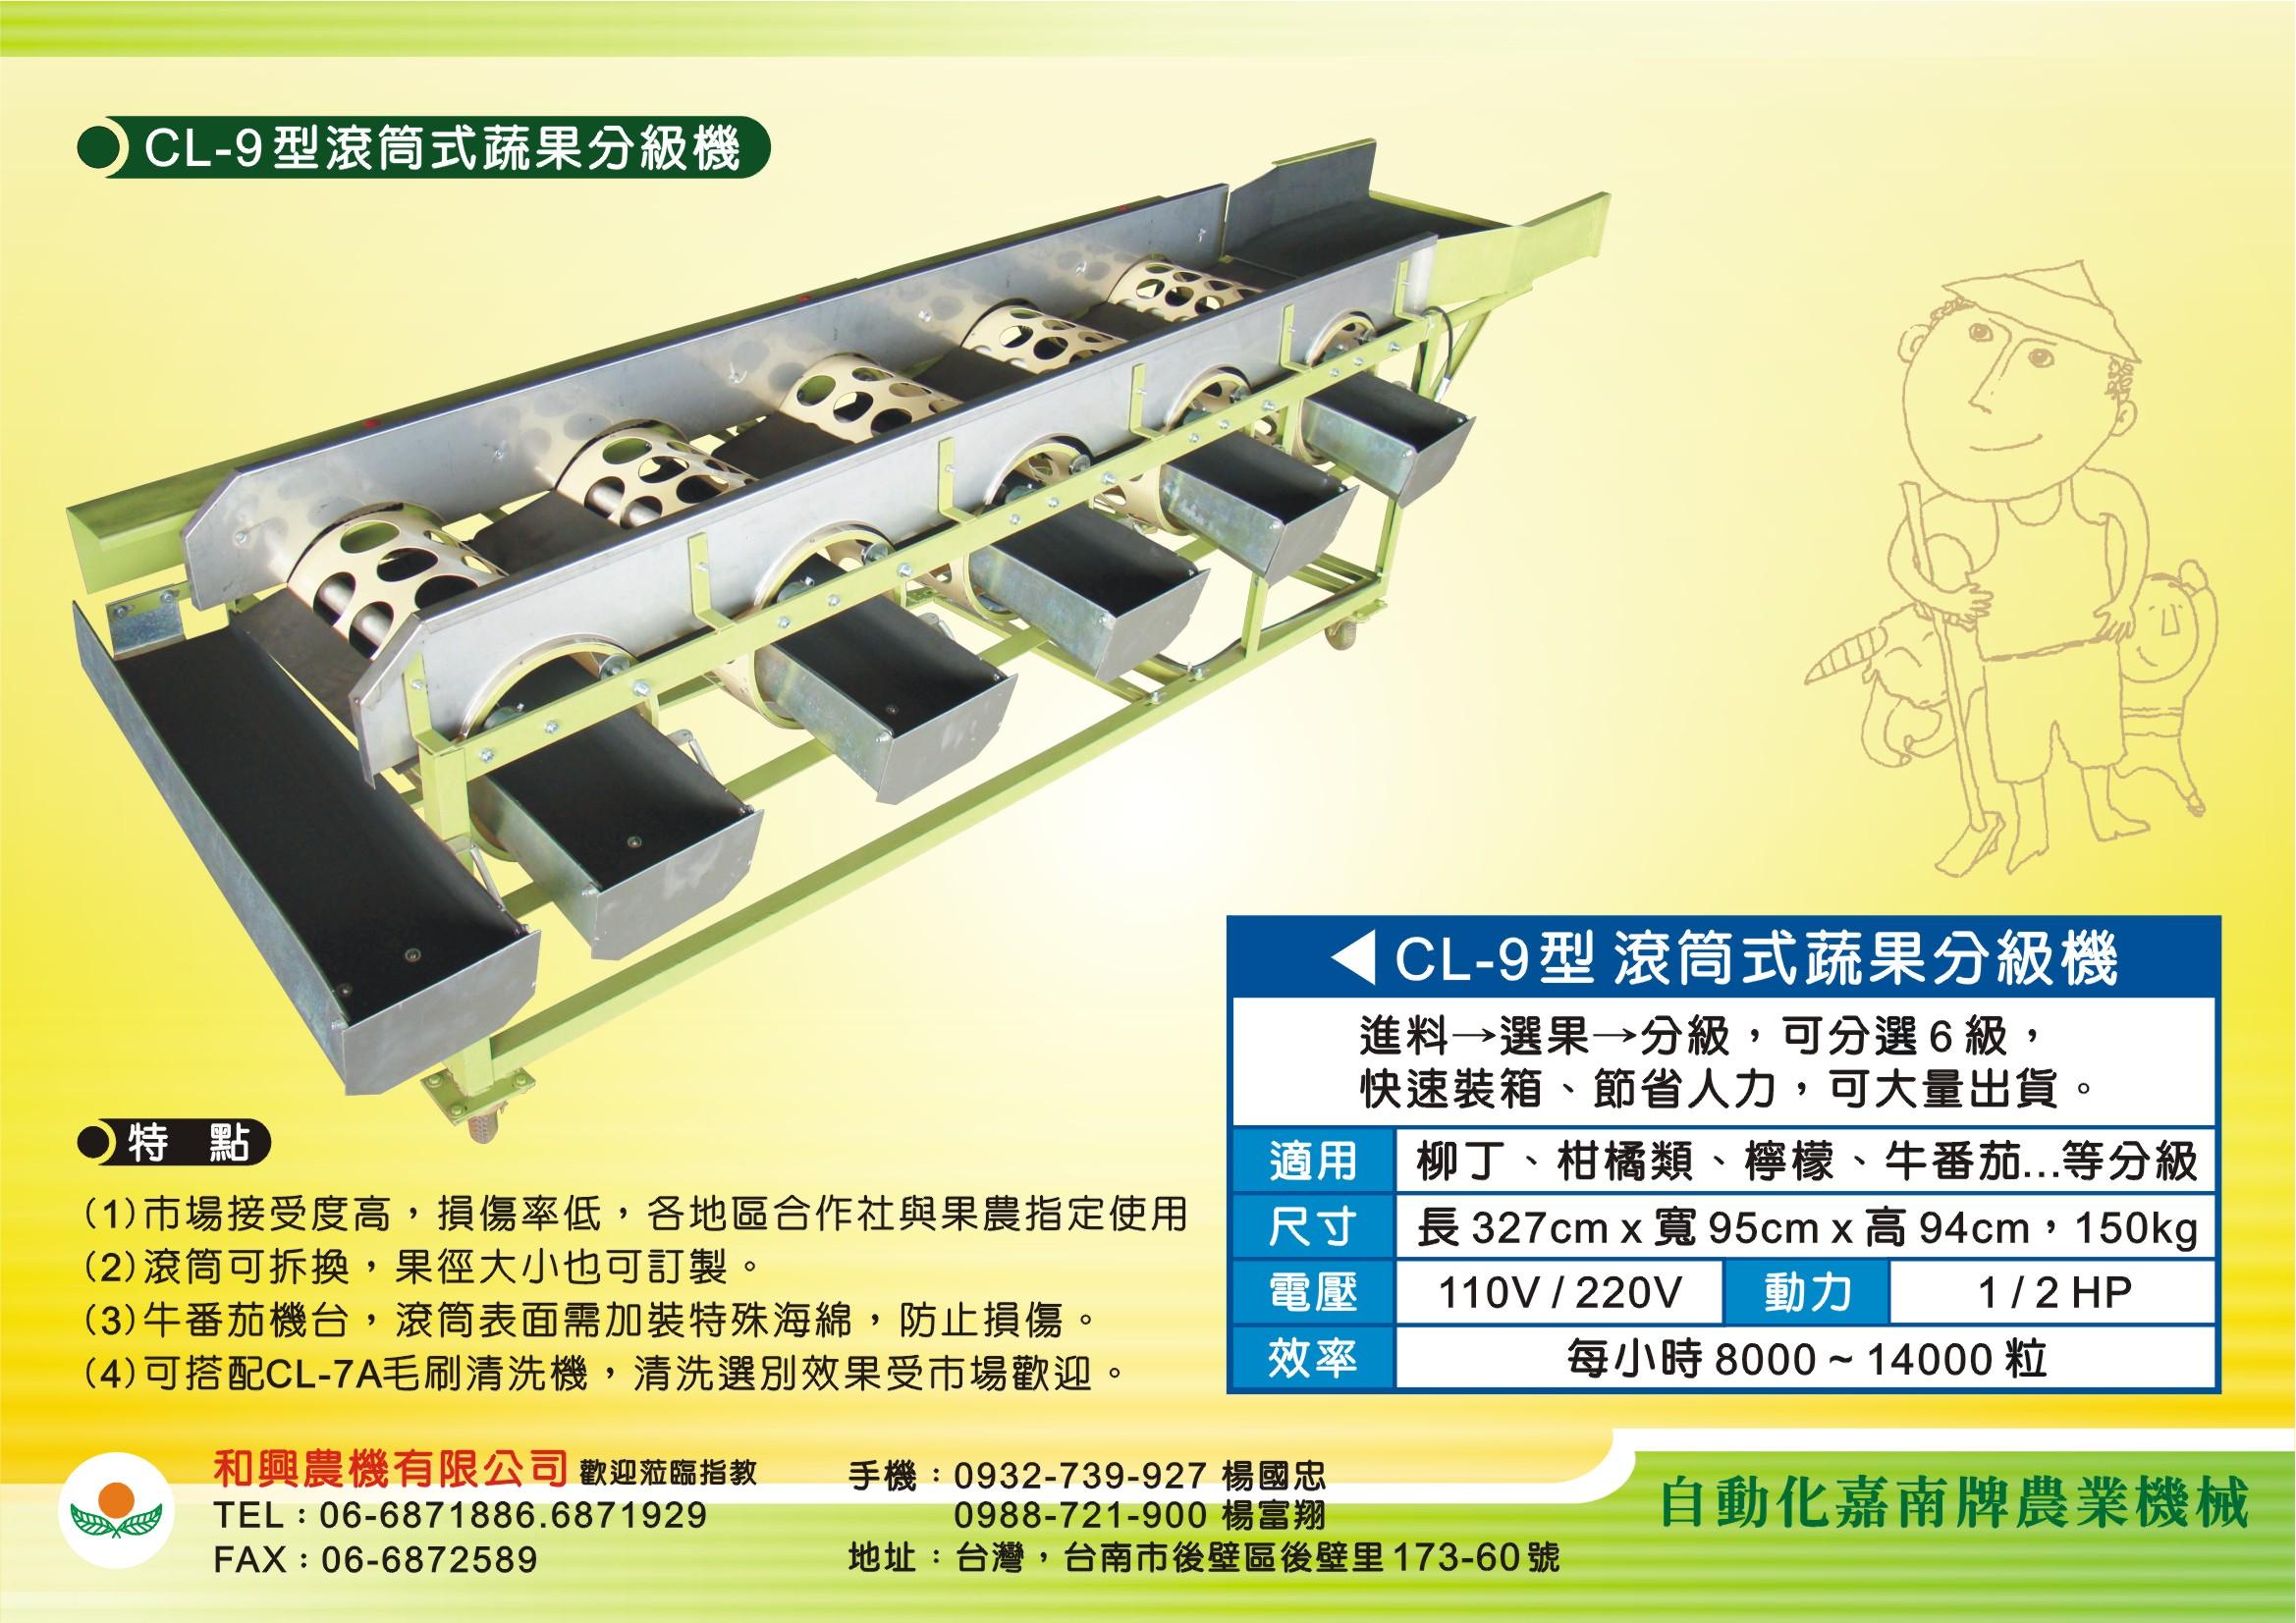 和興農機_機器說明CL-9.jpg